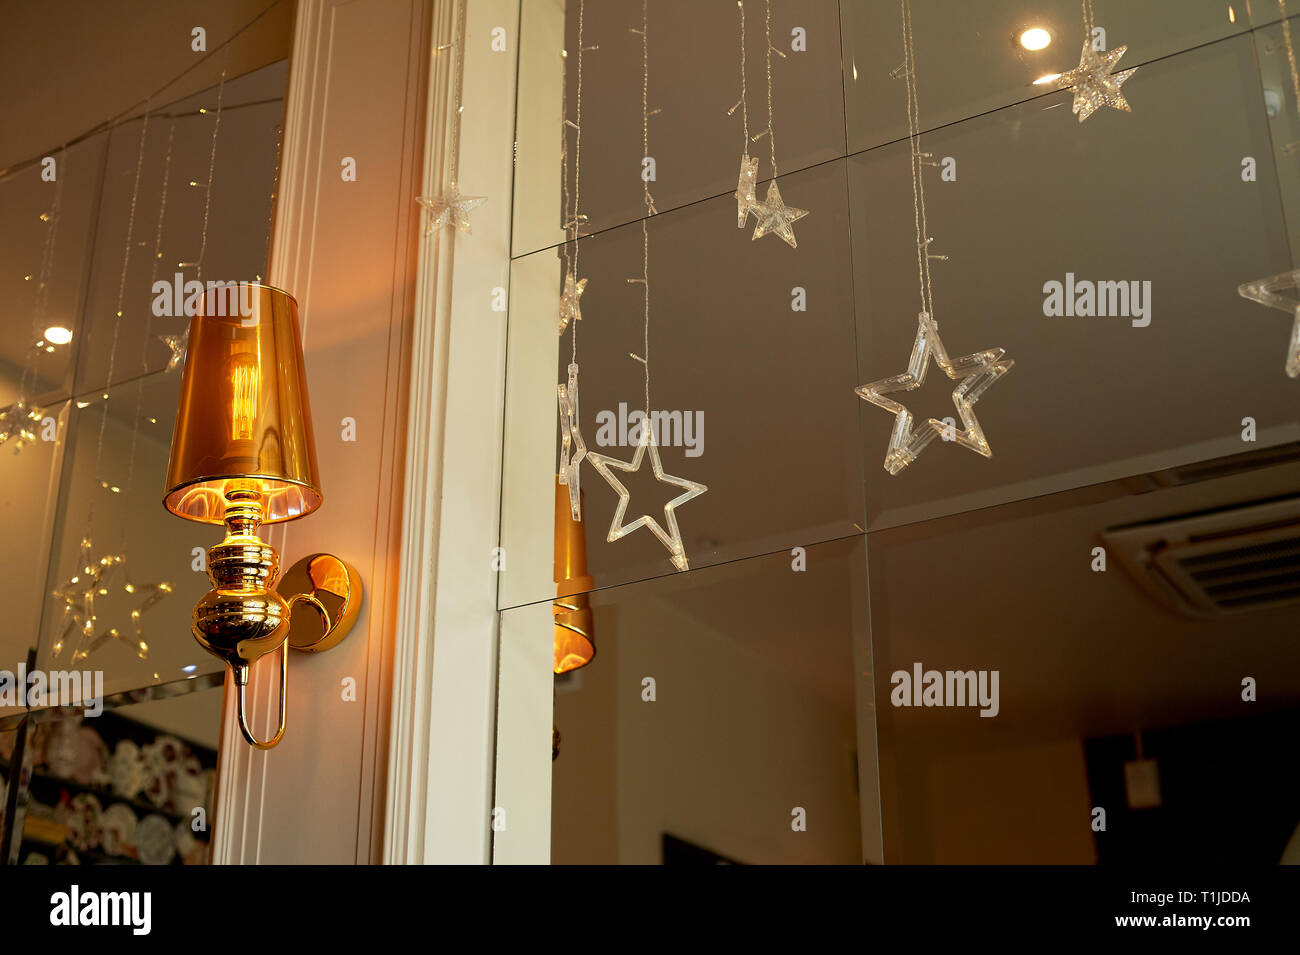 Antike Wandleuchte Wandleuchte mit Spiegel und vintage Hintergrund. Stockbild